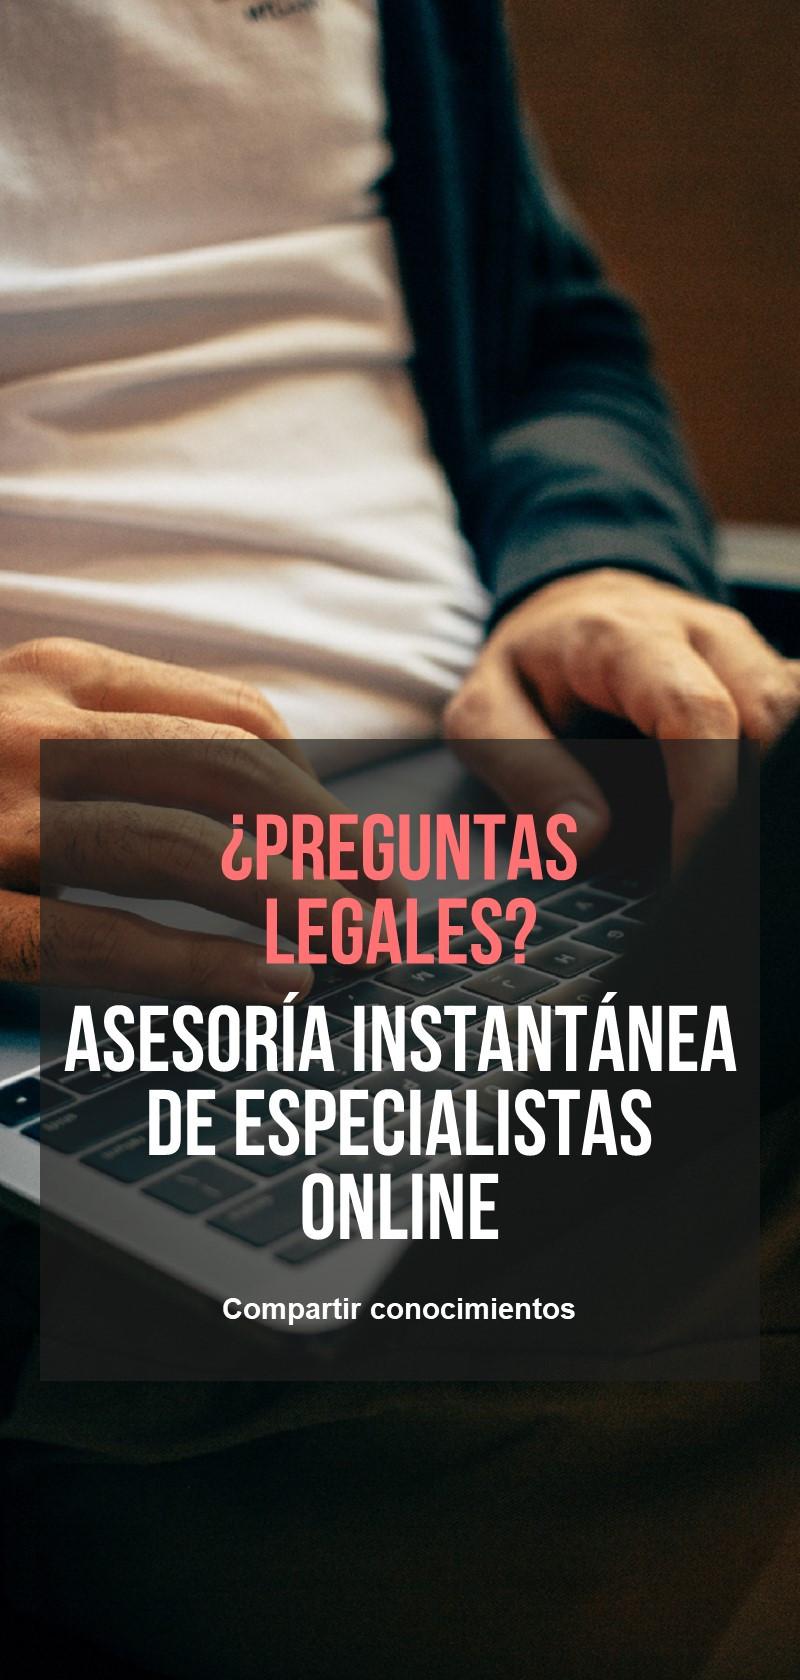 Jurista en línea para asesoramiento directo